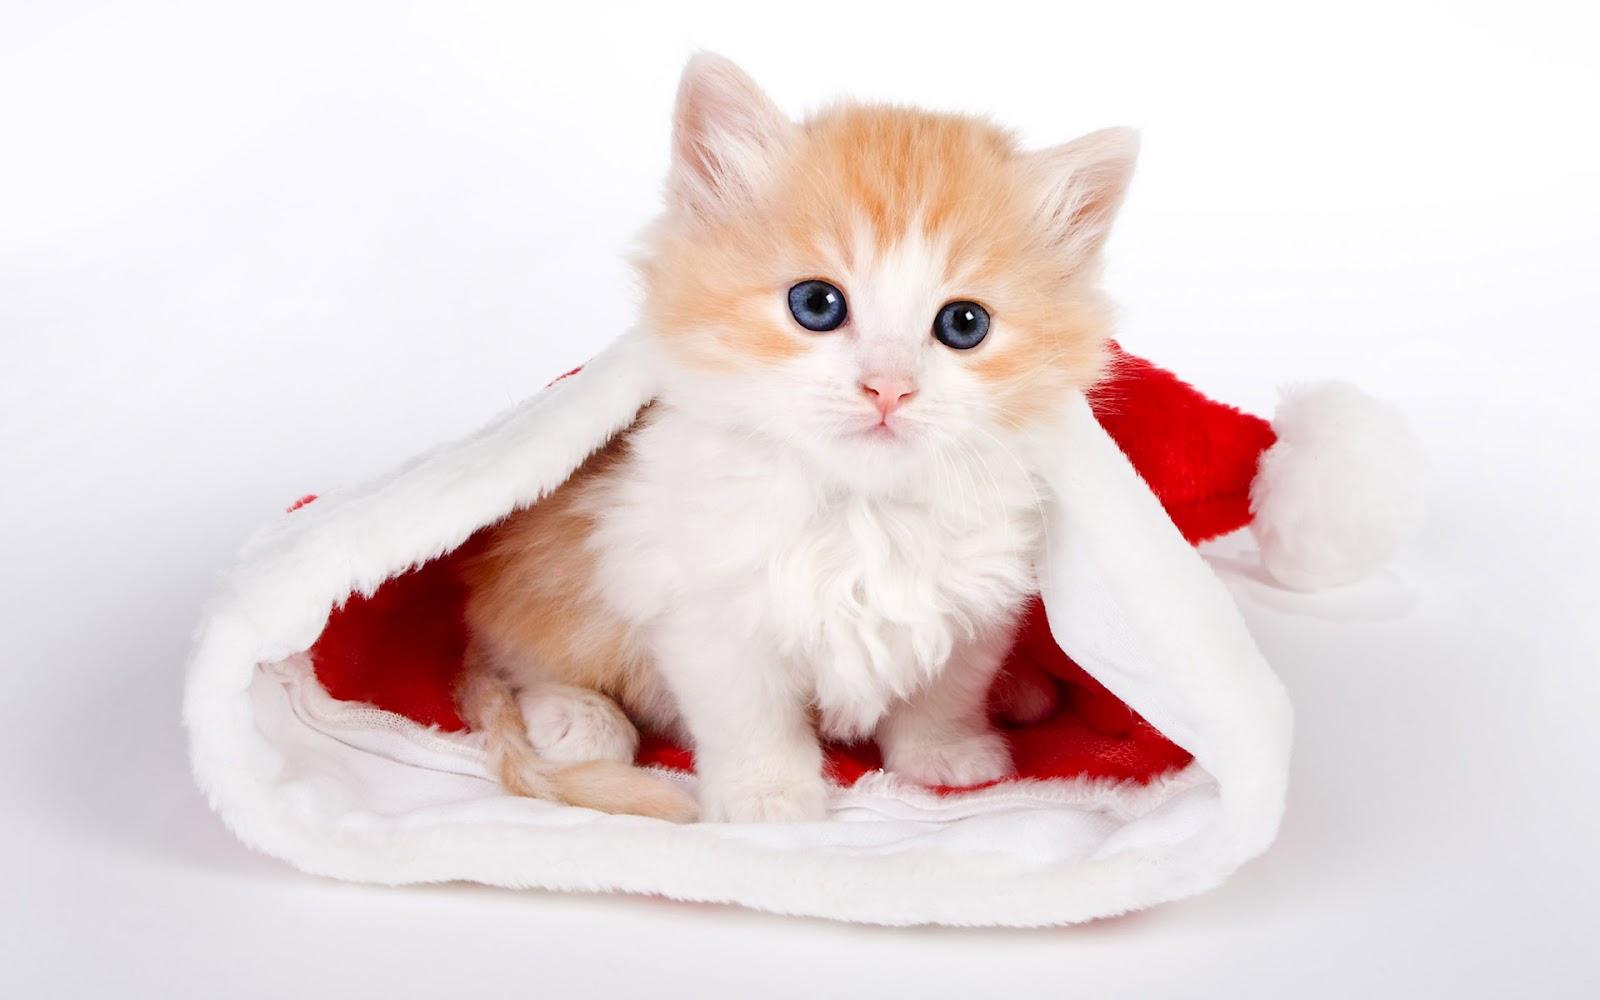 http://3.bp.blogspot.com/-Crrn2sft9e4/T8M8vIkH6wI/AAAAAAAACKE/Zwb-R5CvF0U/s1600/wallpaper+kucing+cantik+dan+lucu.jpg